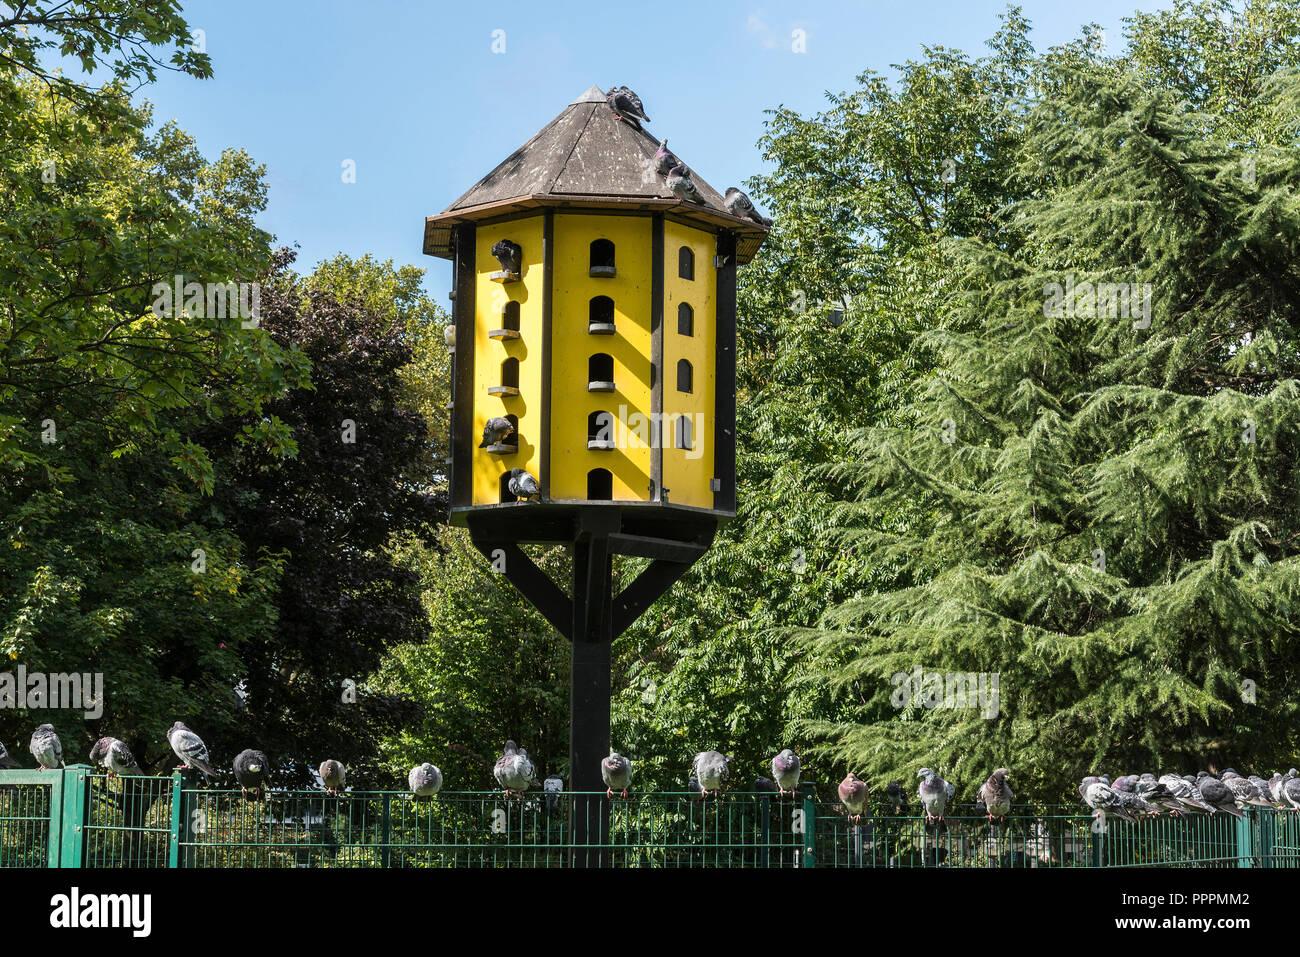 Dovecote stadtgarten dortmund ruhr district north rhine westphalia germany stock photo - Stadtgarten dortmund ...